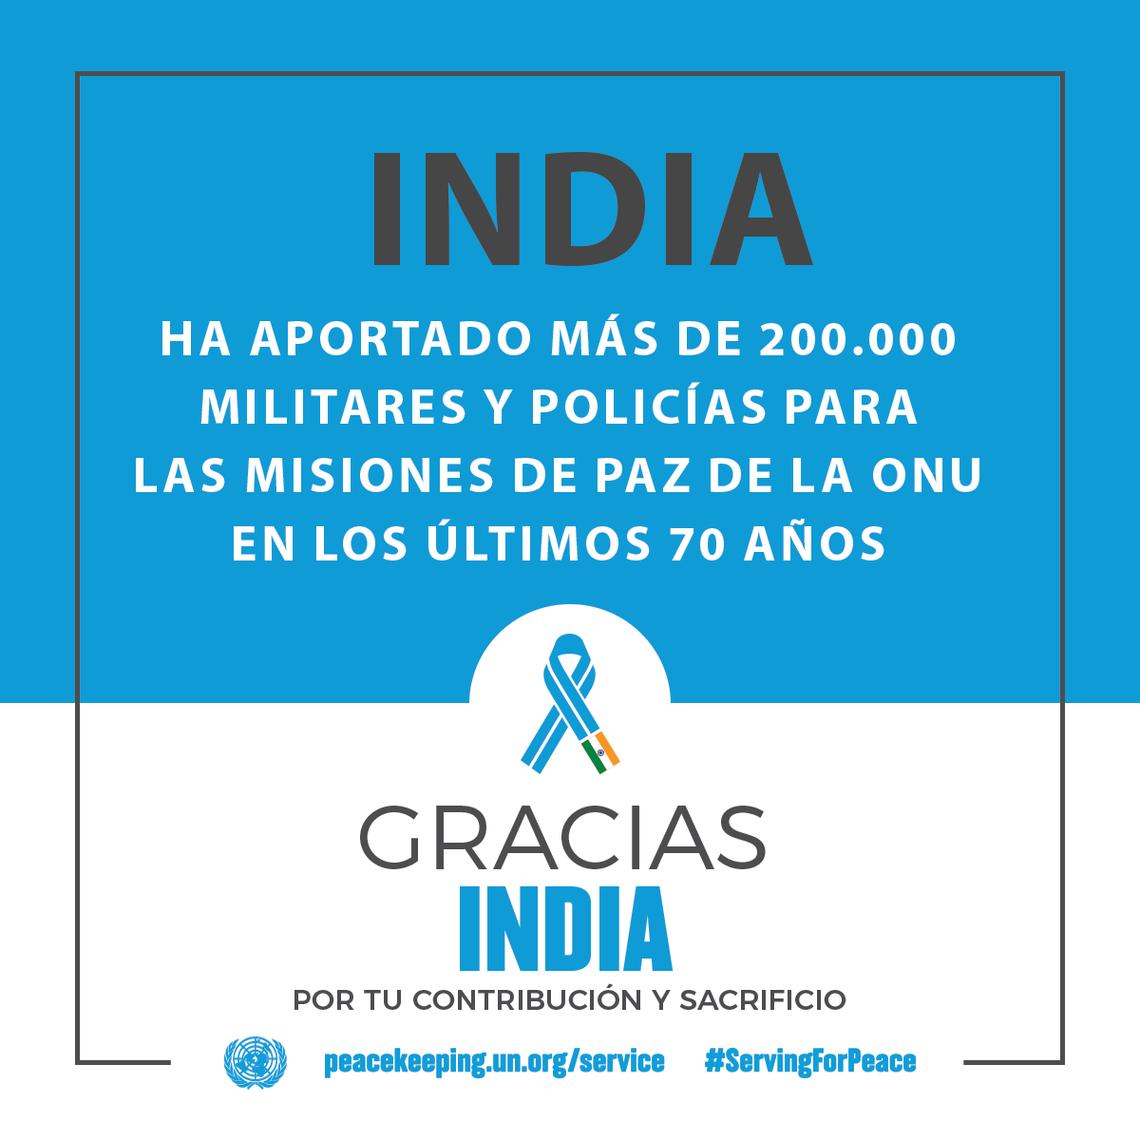 India ha aportado más de  200.000 militares y policías para las misiones de paz de la ONU